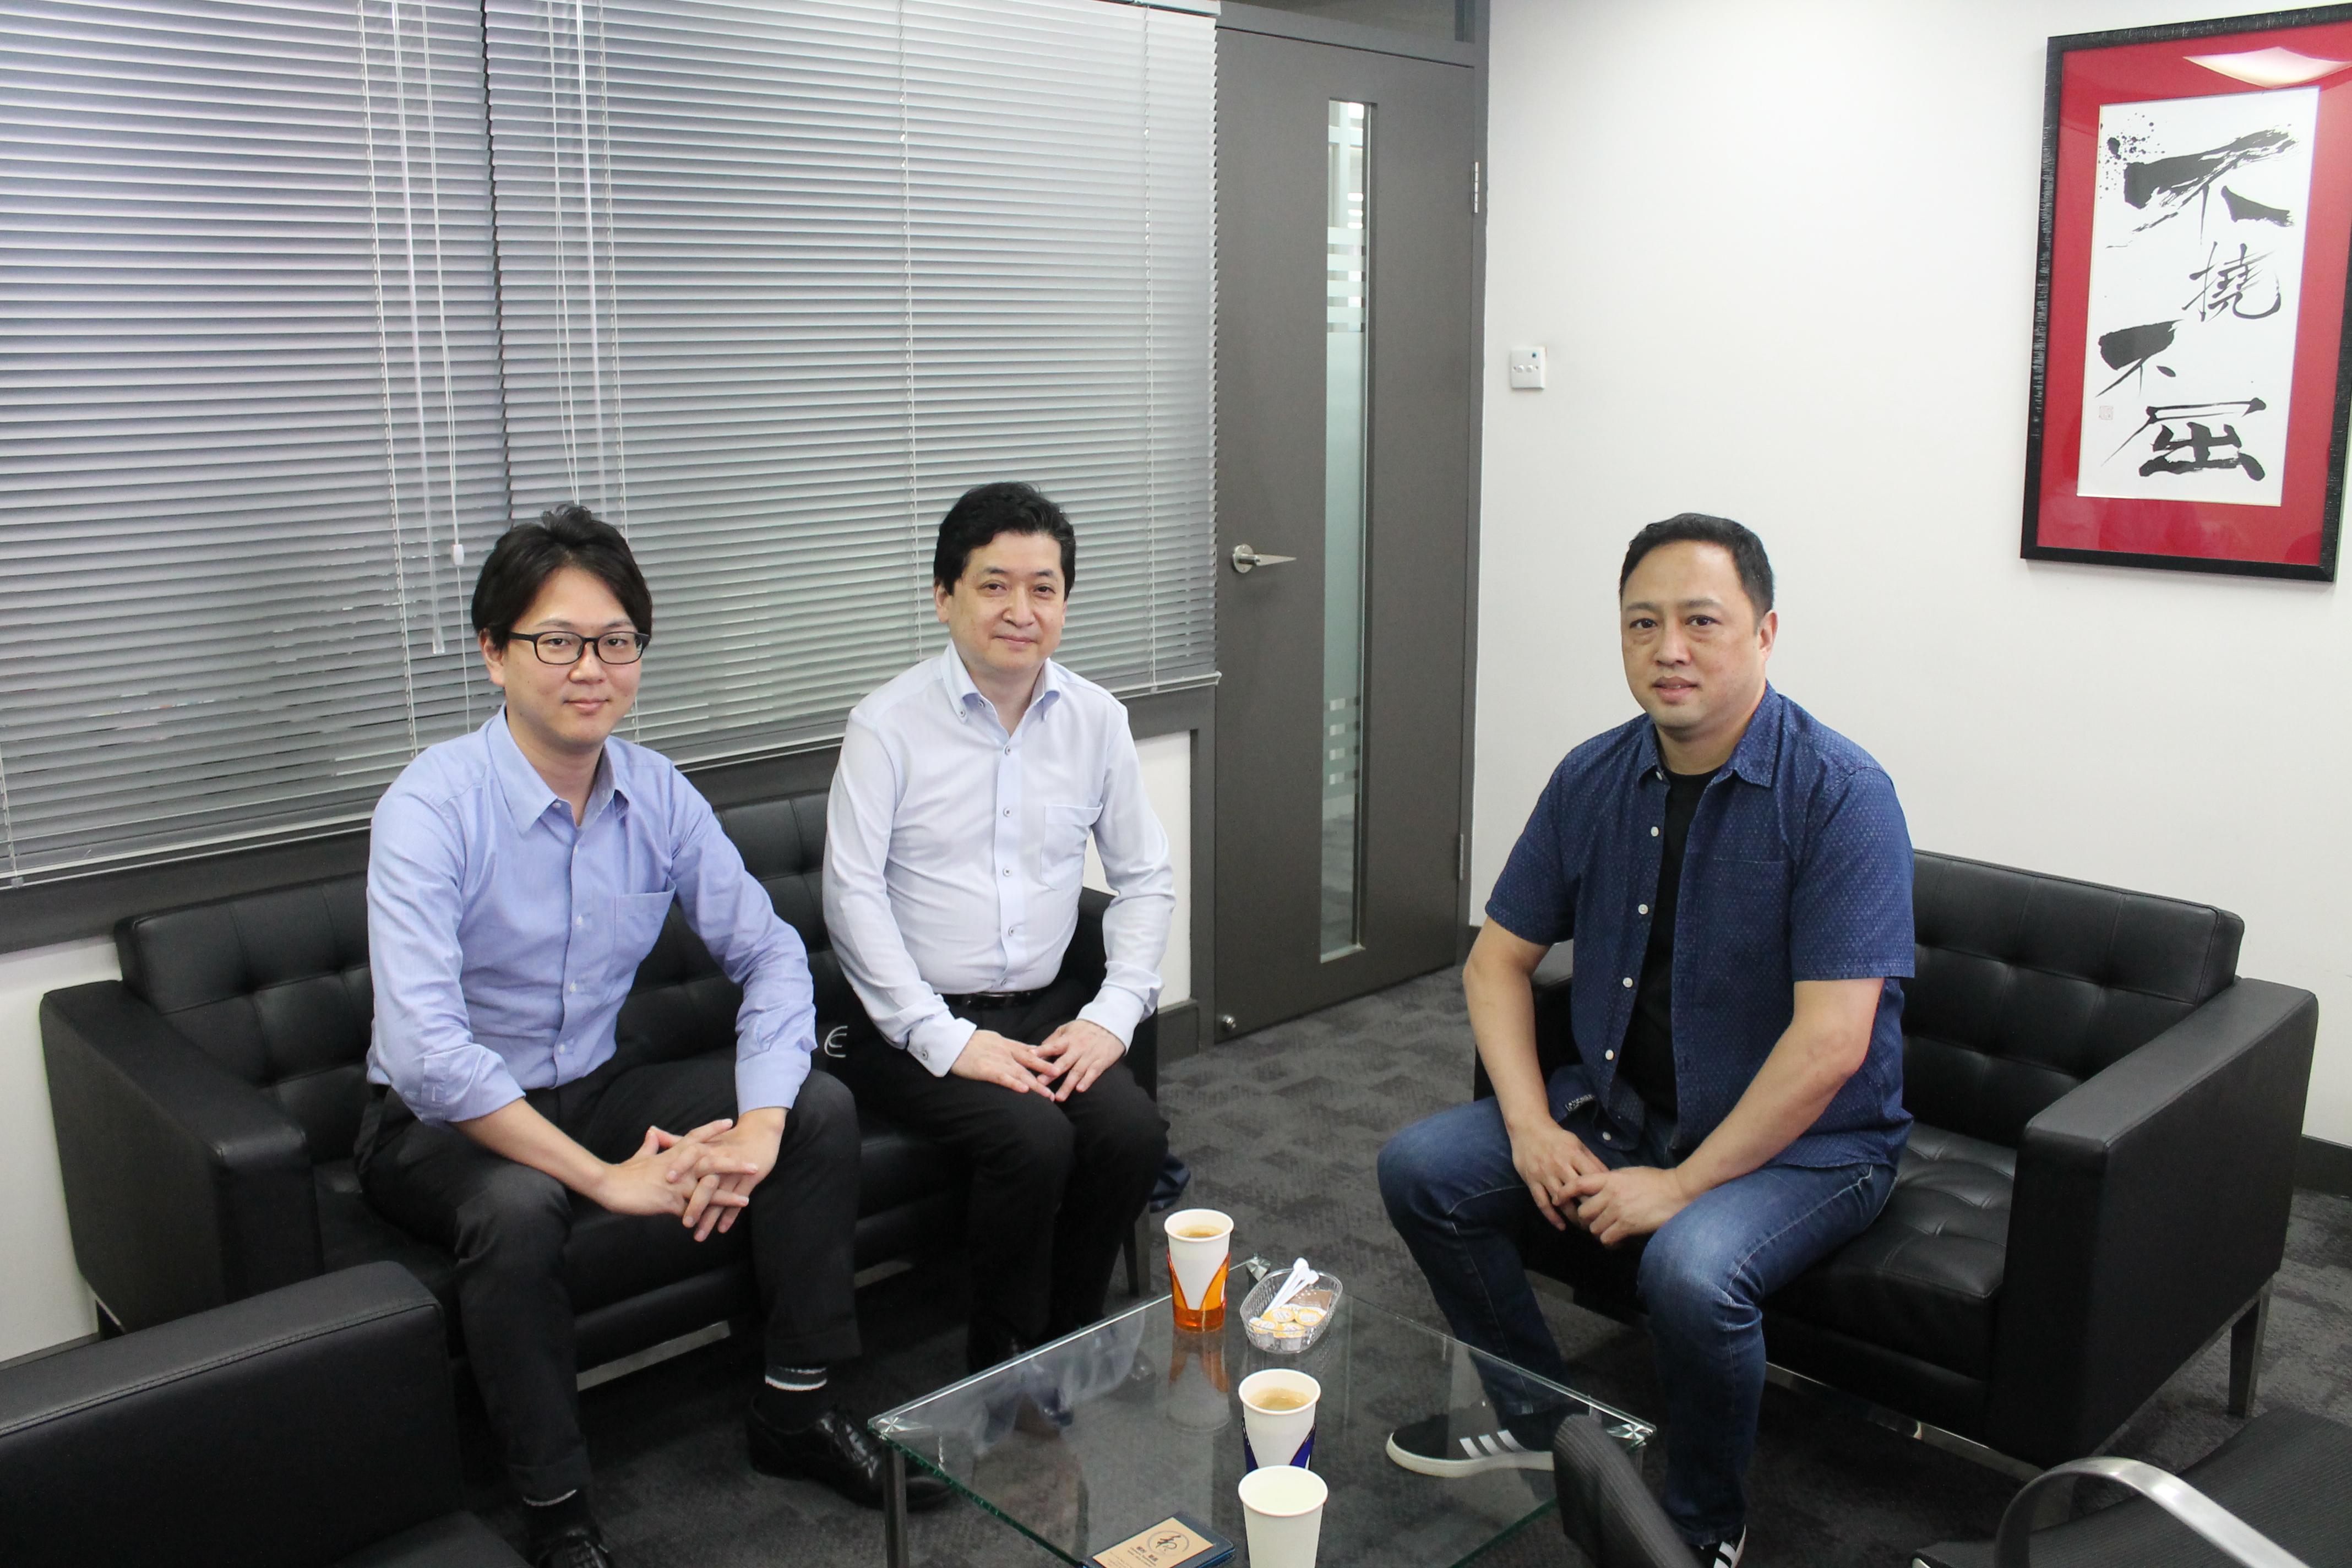 和家 H.S.Planning 井本氏(中央)と宮本氏(左)、和家 植村氏